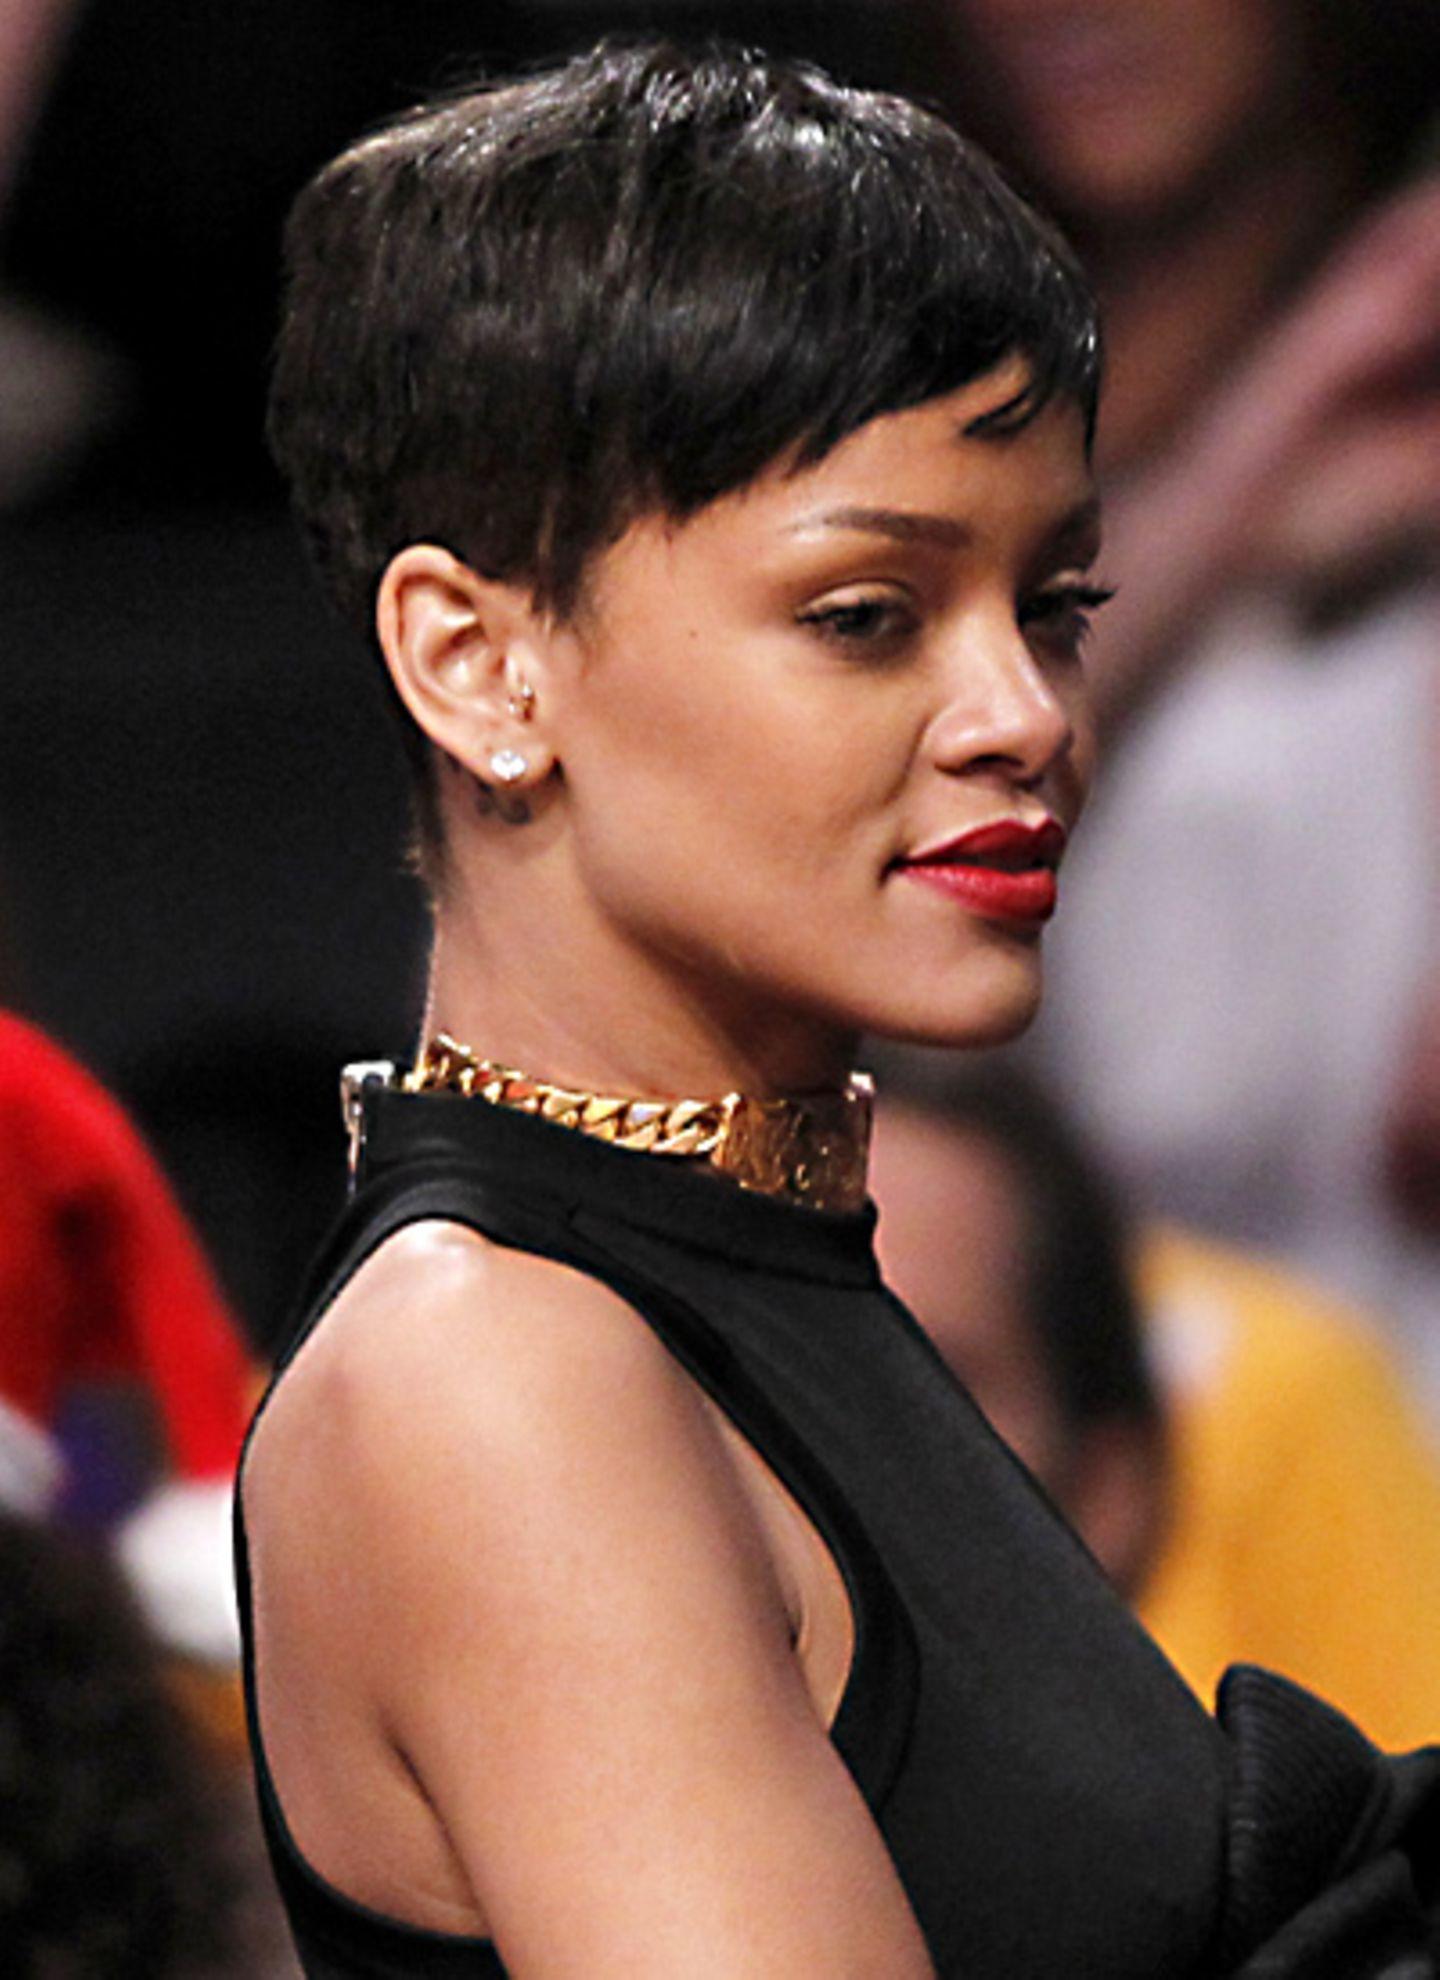 Anfang Dezember 2012 hatte sich Rihanna mal wieder von ihren langen Haaren getrennt und sah mit Pixie-Cut auch ganz bezaubernd a